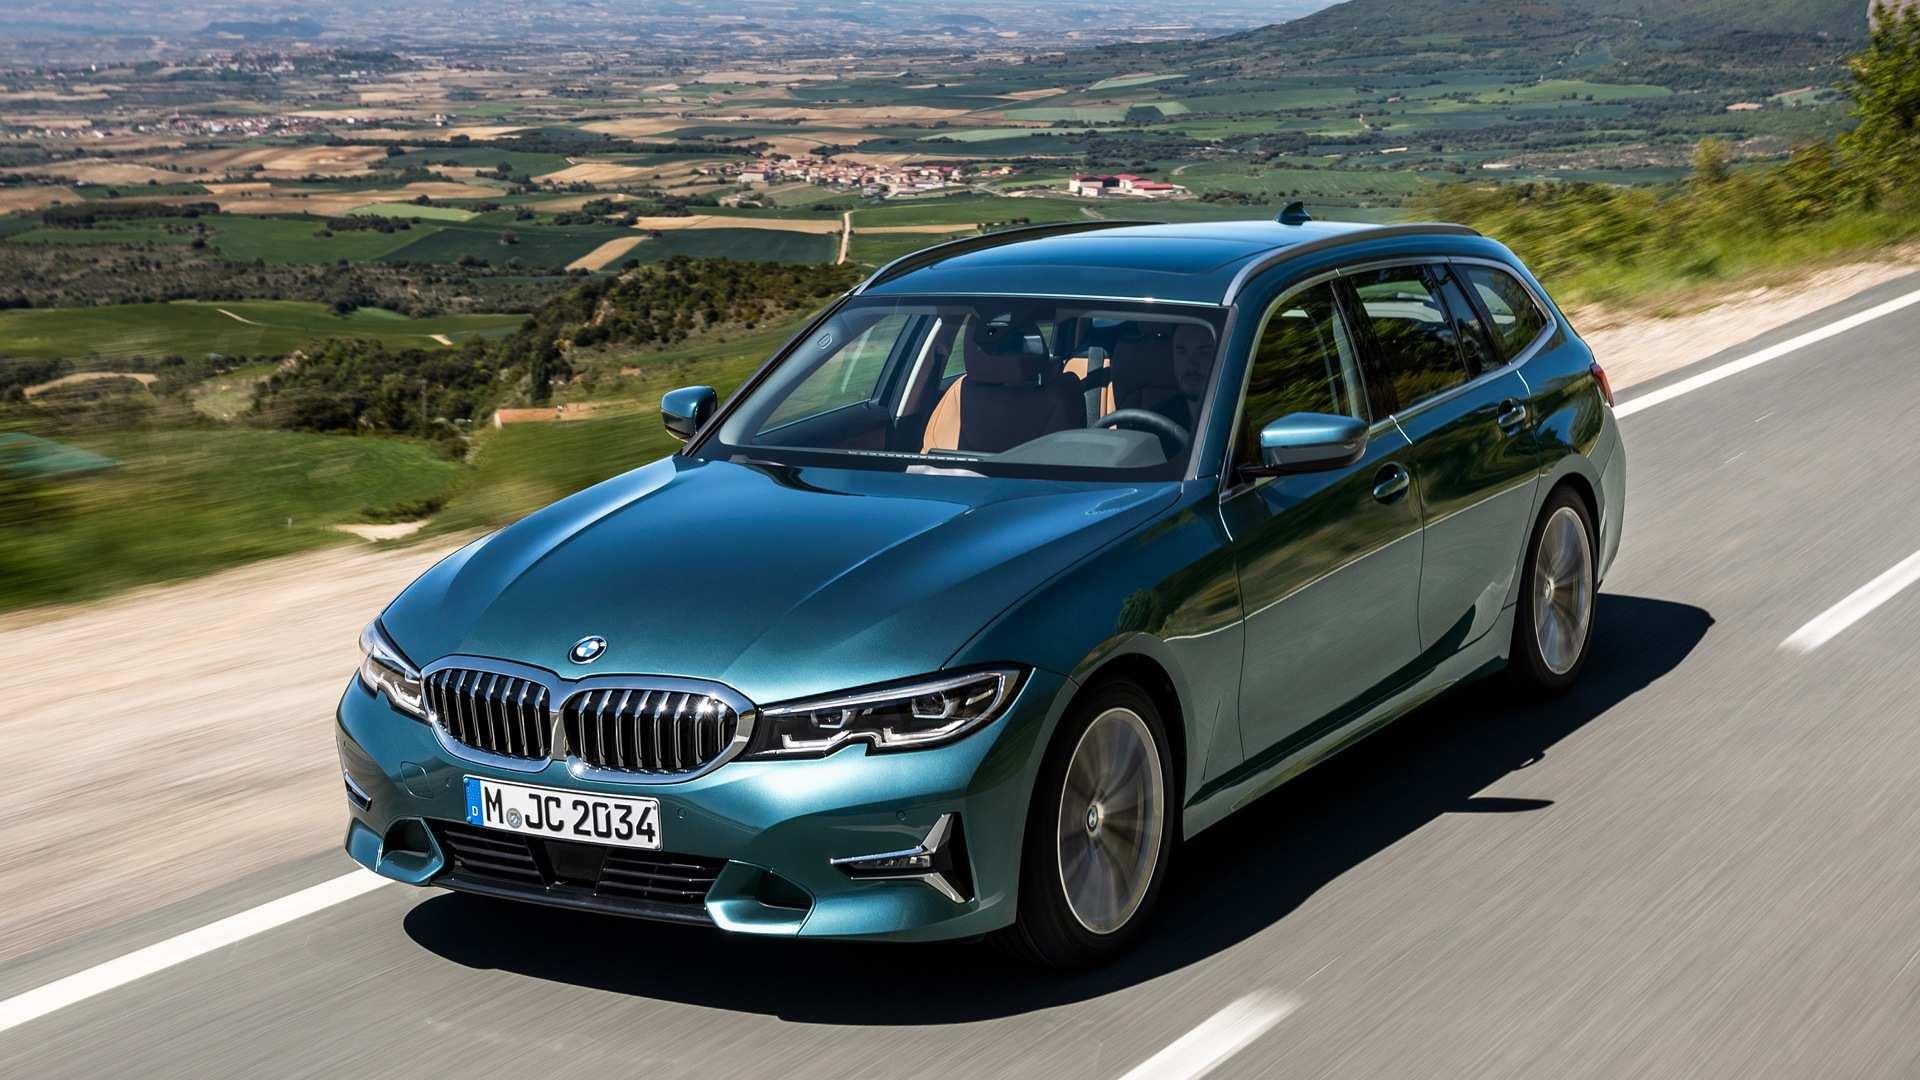 58 Great Bmw Wagon 2020 Style with Bmw Wagon 2020